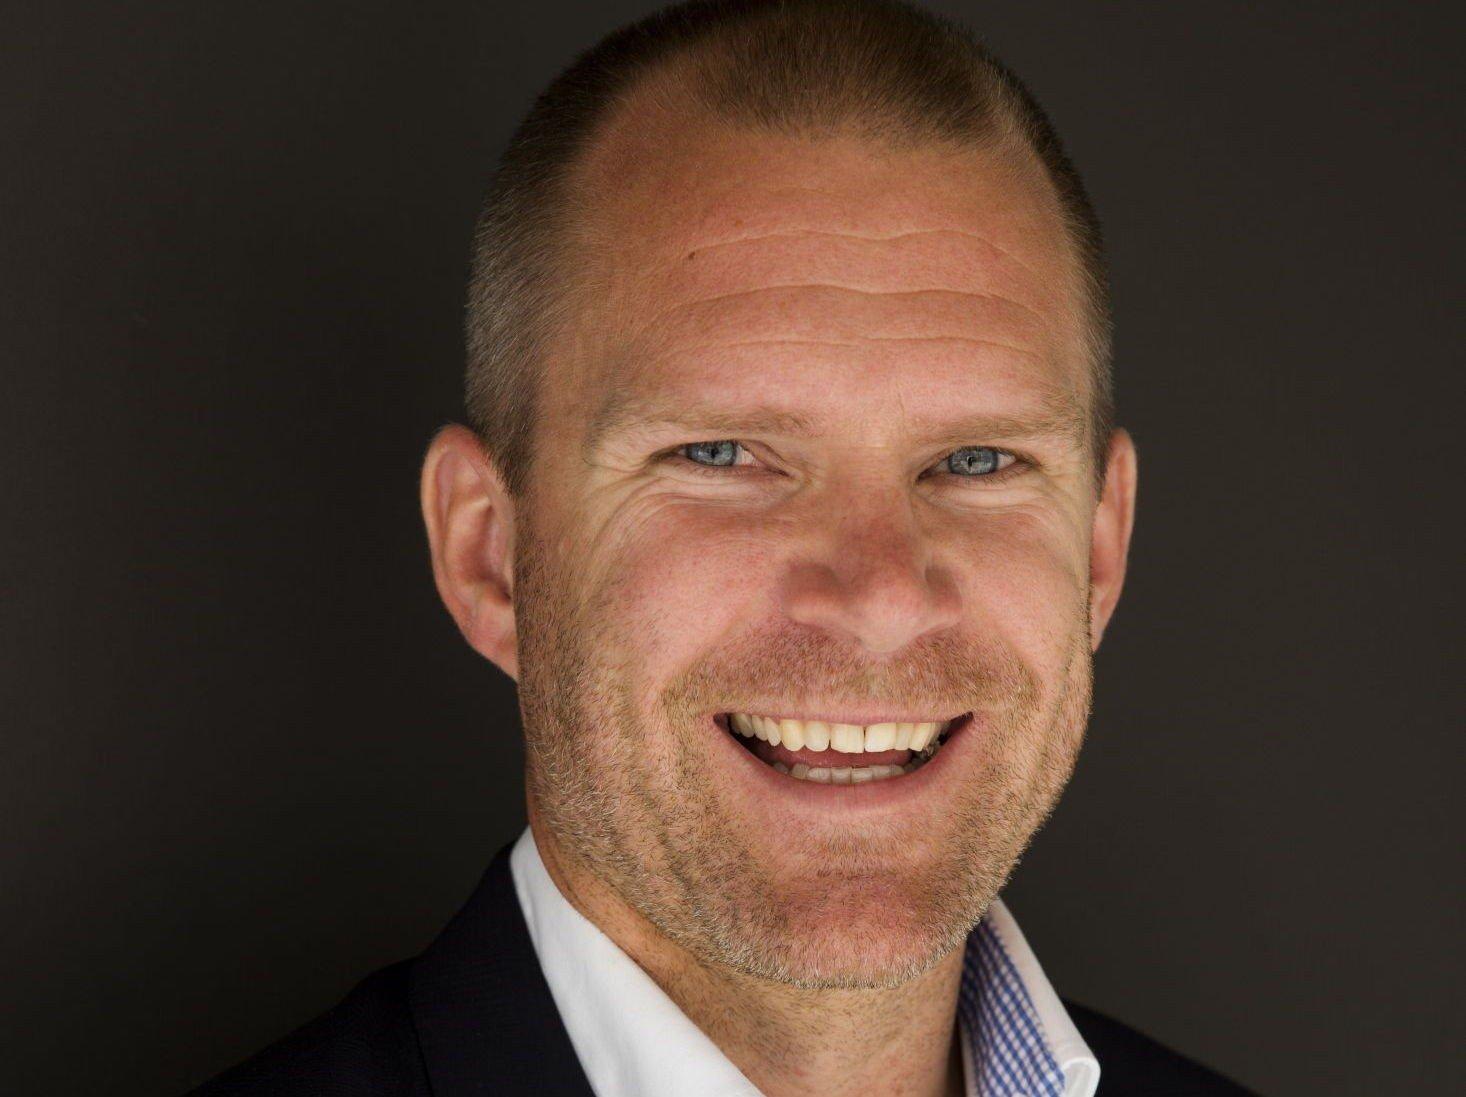 Fotballagent Jim Solbakken er blant de mektigste nordmennene i bransjen.